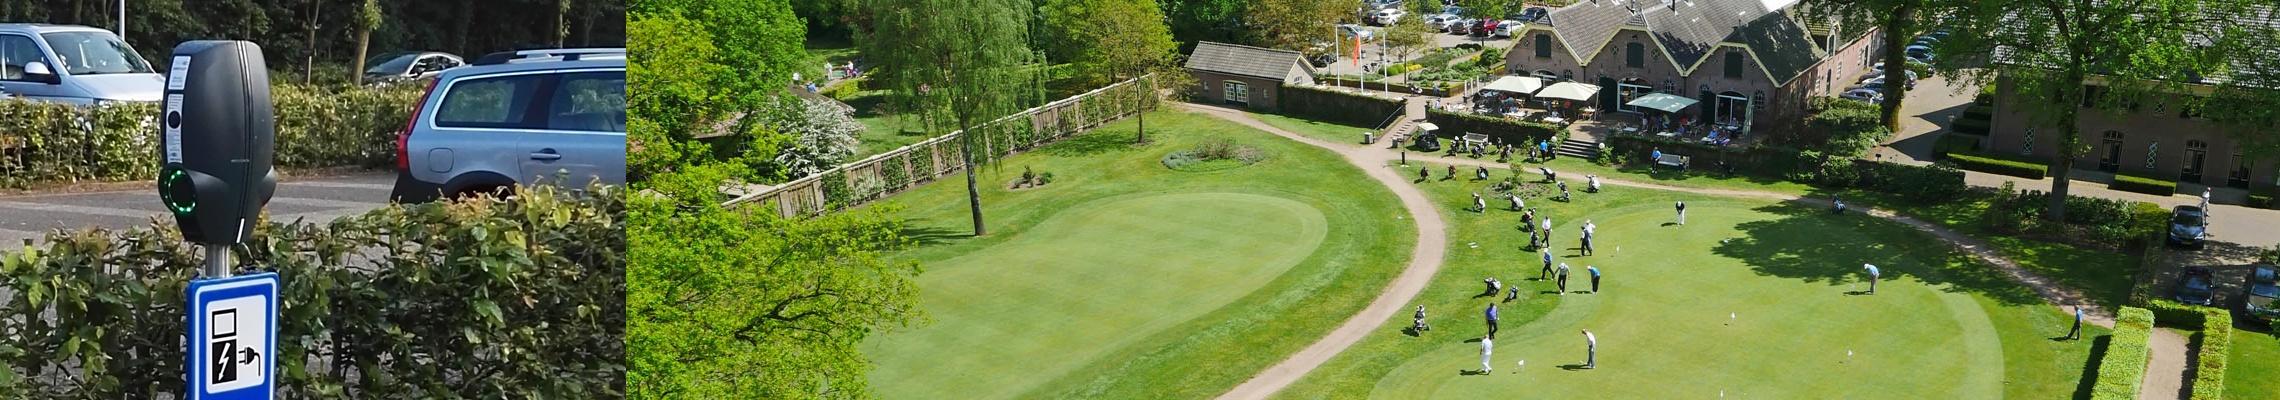 golfclub anderstein evbox